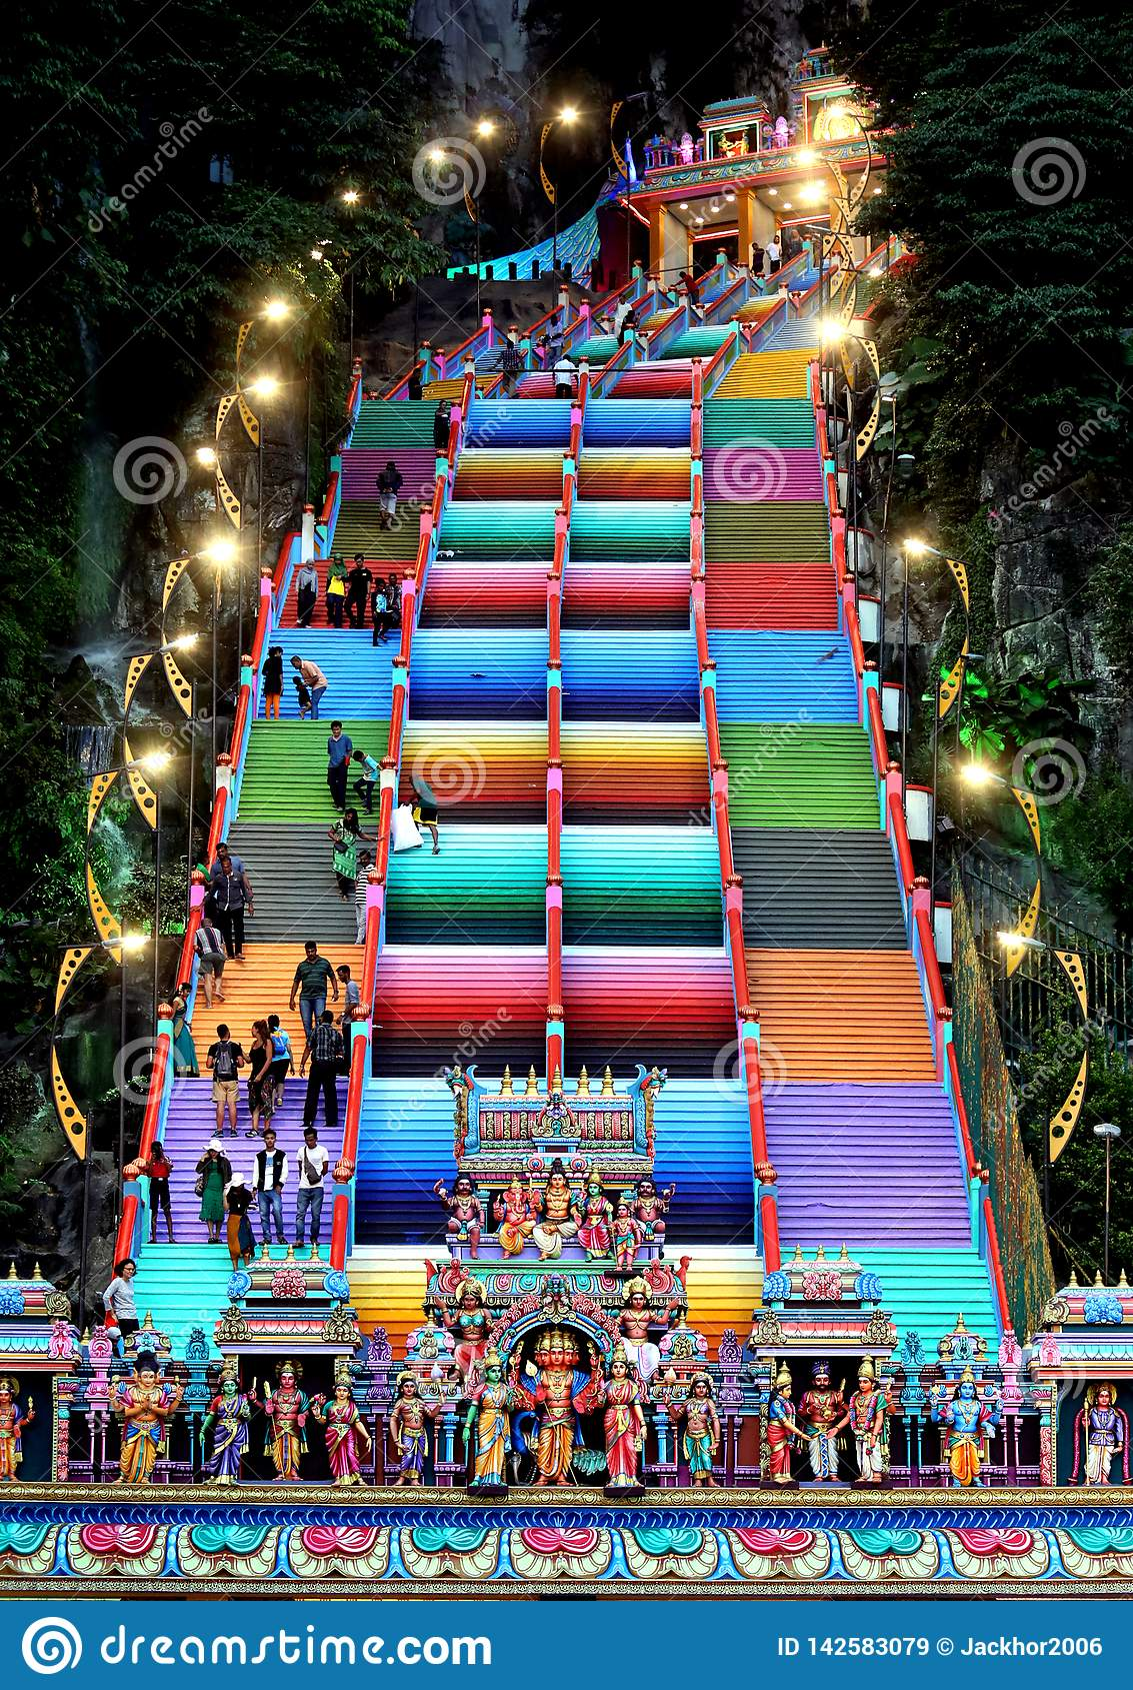 The colourful steps at Batu Caces, Mlaysia